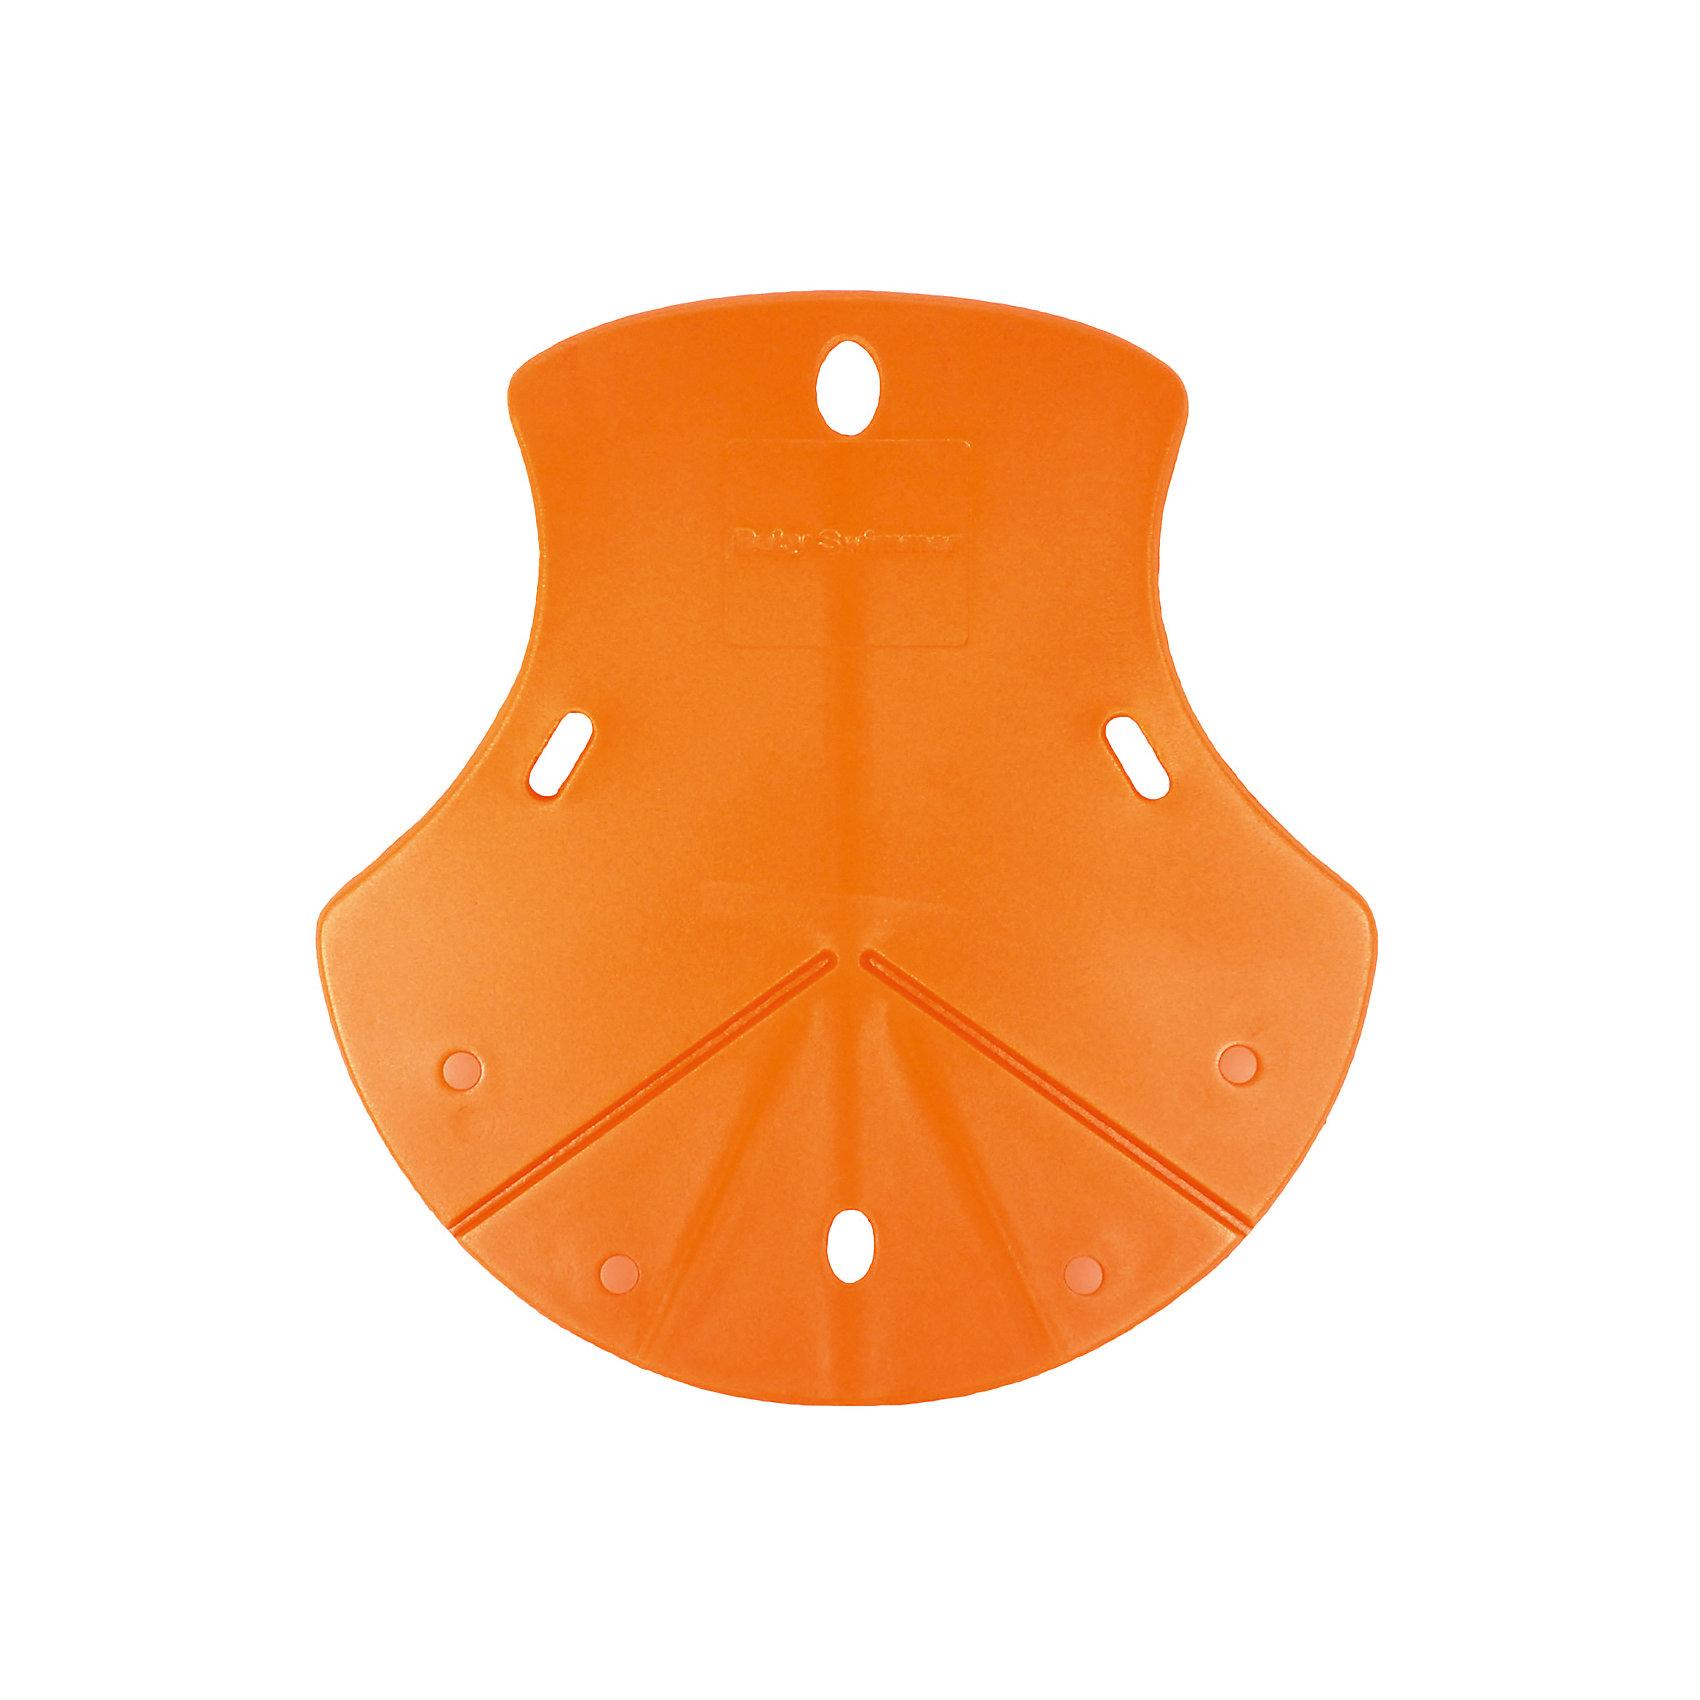 Коврик для ванной/раскладная ванночка в раковину, BabySwimmer, оранжевыйСкладная ванночка Baby Swimmer – модный аксессуар для купания. Ванночка устанавливается в обычную раковину, а после использования складывается до компактного размера, удобного для хранения. Поверхность ванночки приятна для тела малыша, не скользит, а так же почти не загрязняется. Для очищения достаточно сполоснуть водой и протереть ванночку сухим материалом. Все материалы, использованные при разработке и изготовлении складной ванночки безопасны для использования, отвечают всем требованиям экологичности и качества детских товаров, а так же гипоаллергенны.<br><br>Дополнительная информация:<br><br>возраст: 0-6 месяцев;<br>цвет: оранжевый.<br><br>Складную ванночку Baby Swimmer можно приобрести в нашем магазине.<br><br>Ширина мм: 670<br>Глубина мм: 630<br>Высота мм: 400<br>Вес г: 120<br>Возраст от месяцев: 0<br>Возраст до месяцев: 6<br>Пол: Унисекс<br>Возраст: Детский<br>SKU: 4968117